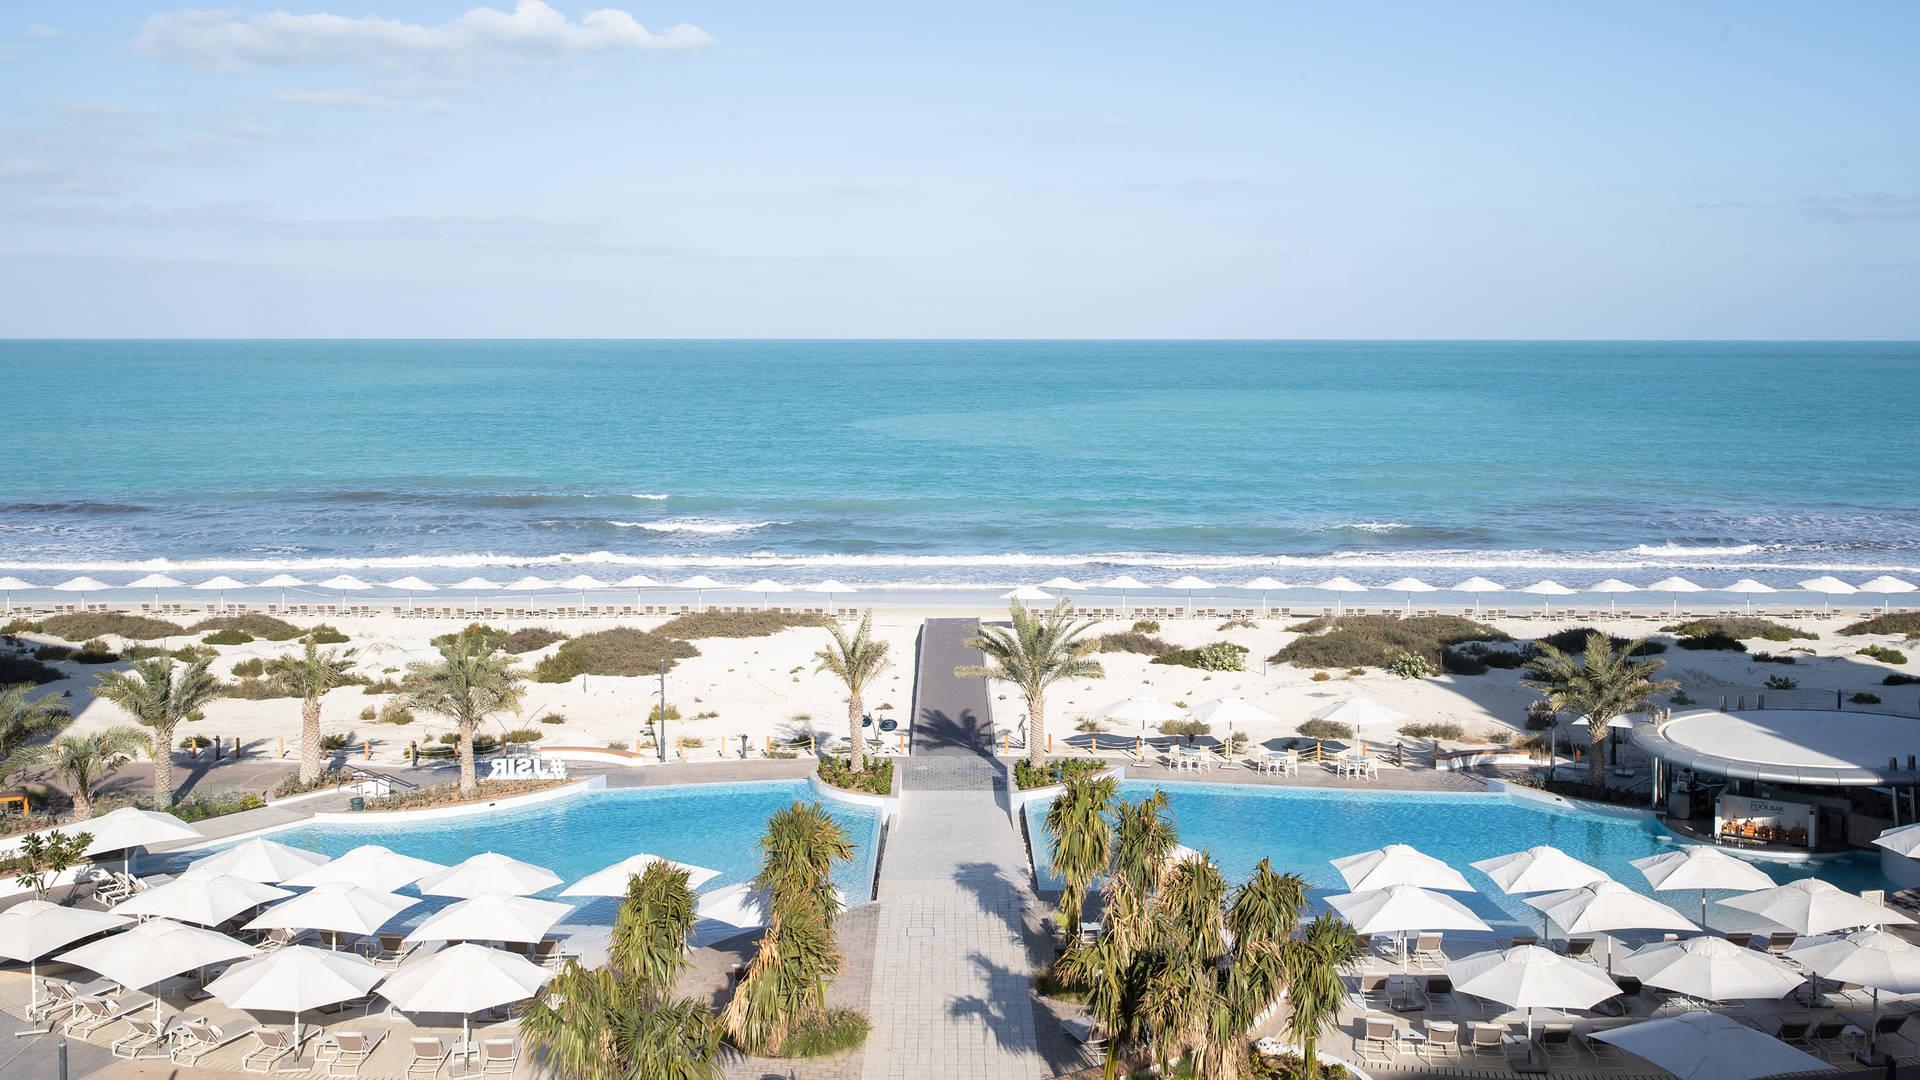 Beach view at Jumeirah at Saadiyat Island Resort